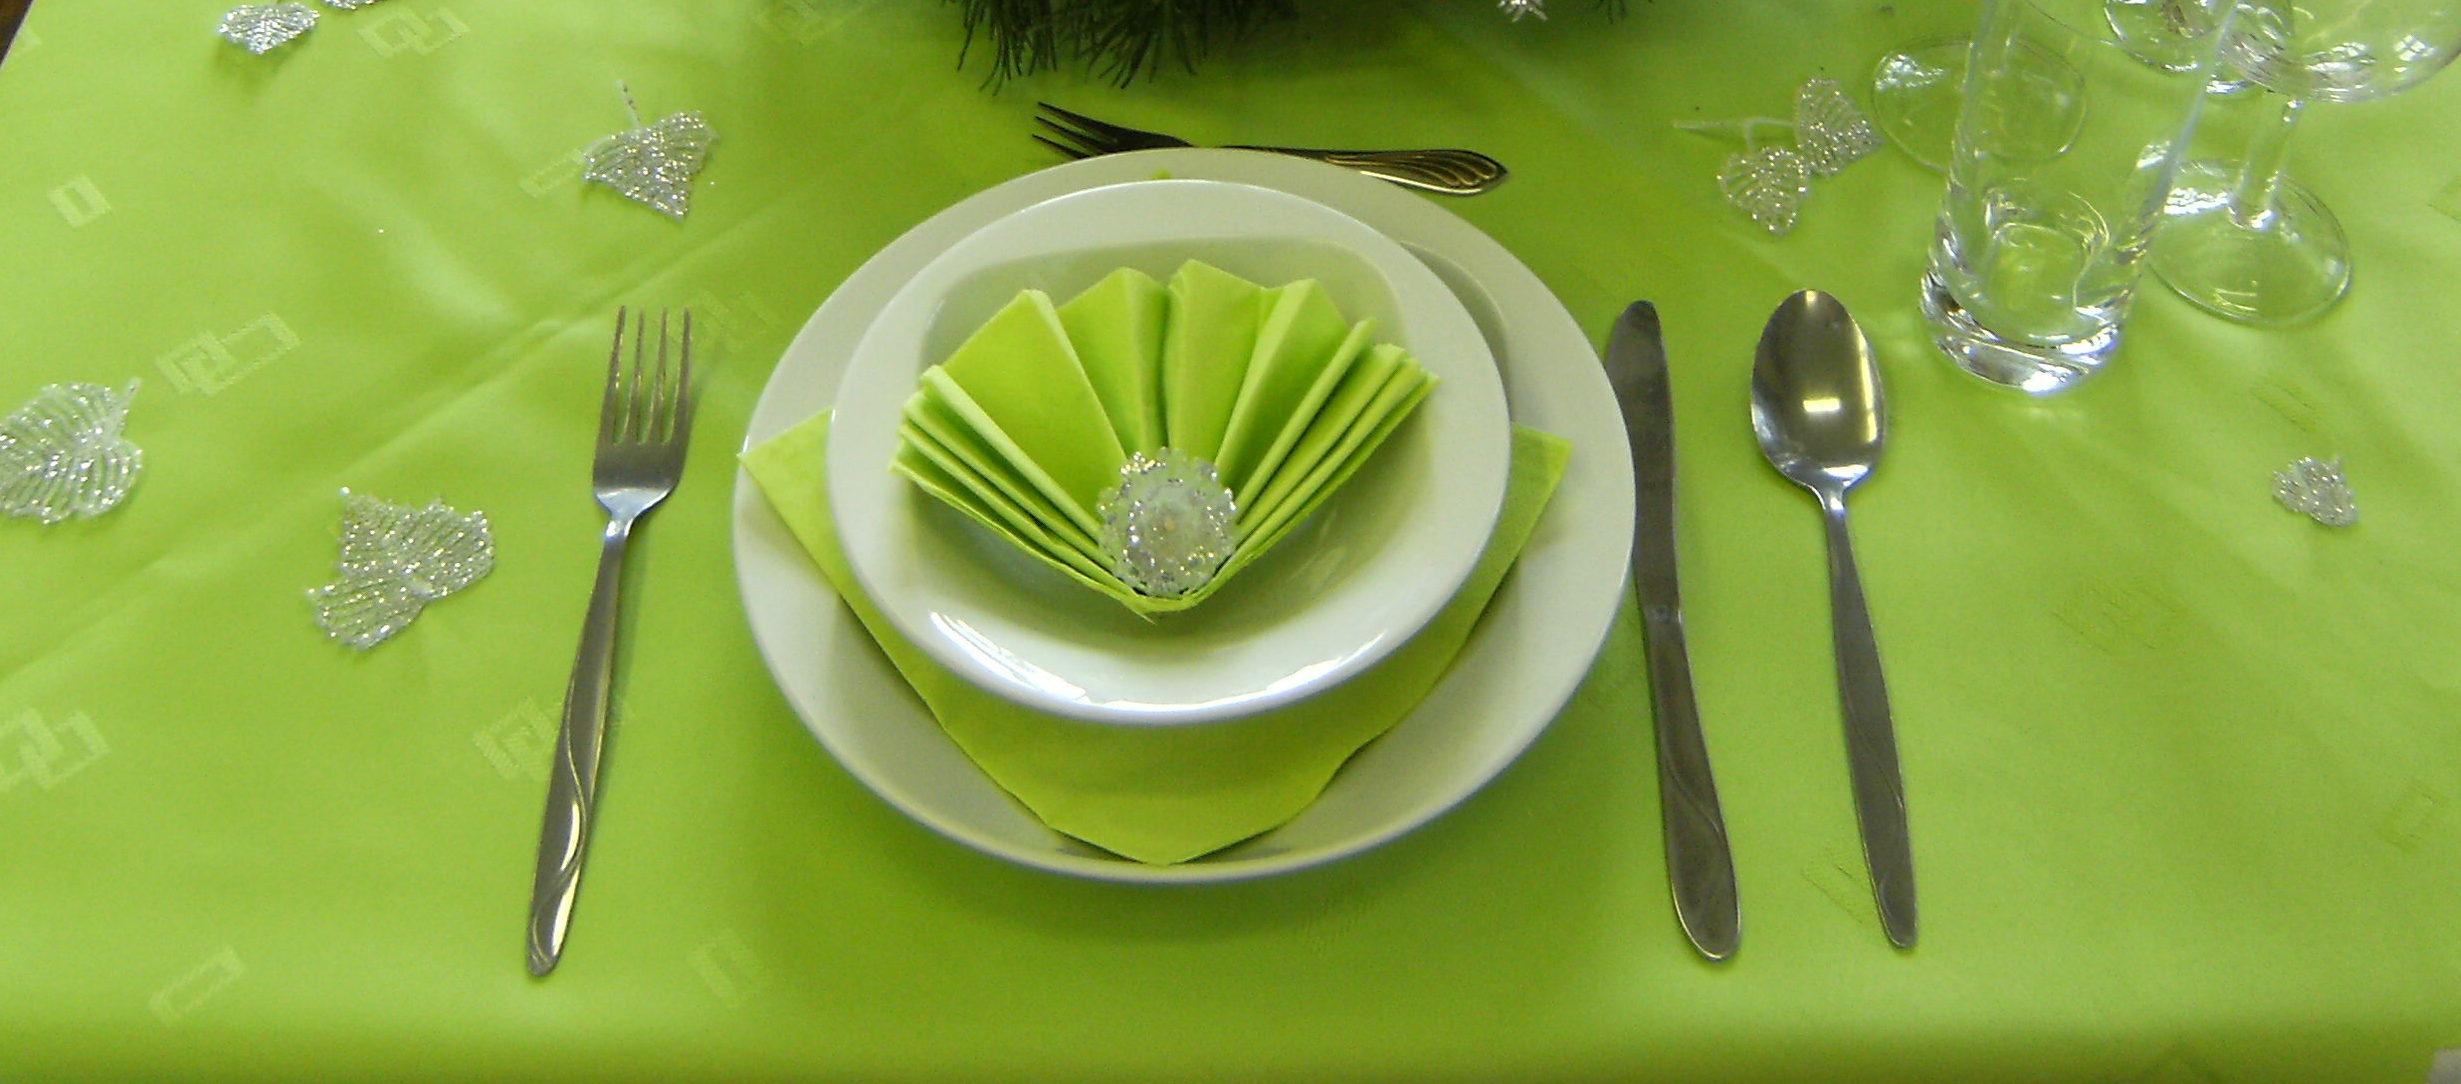 Studium tradičních řemesel v oboru gastronomie